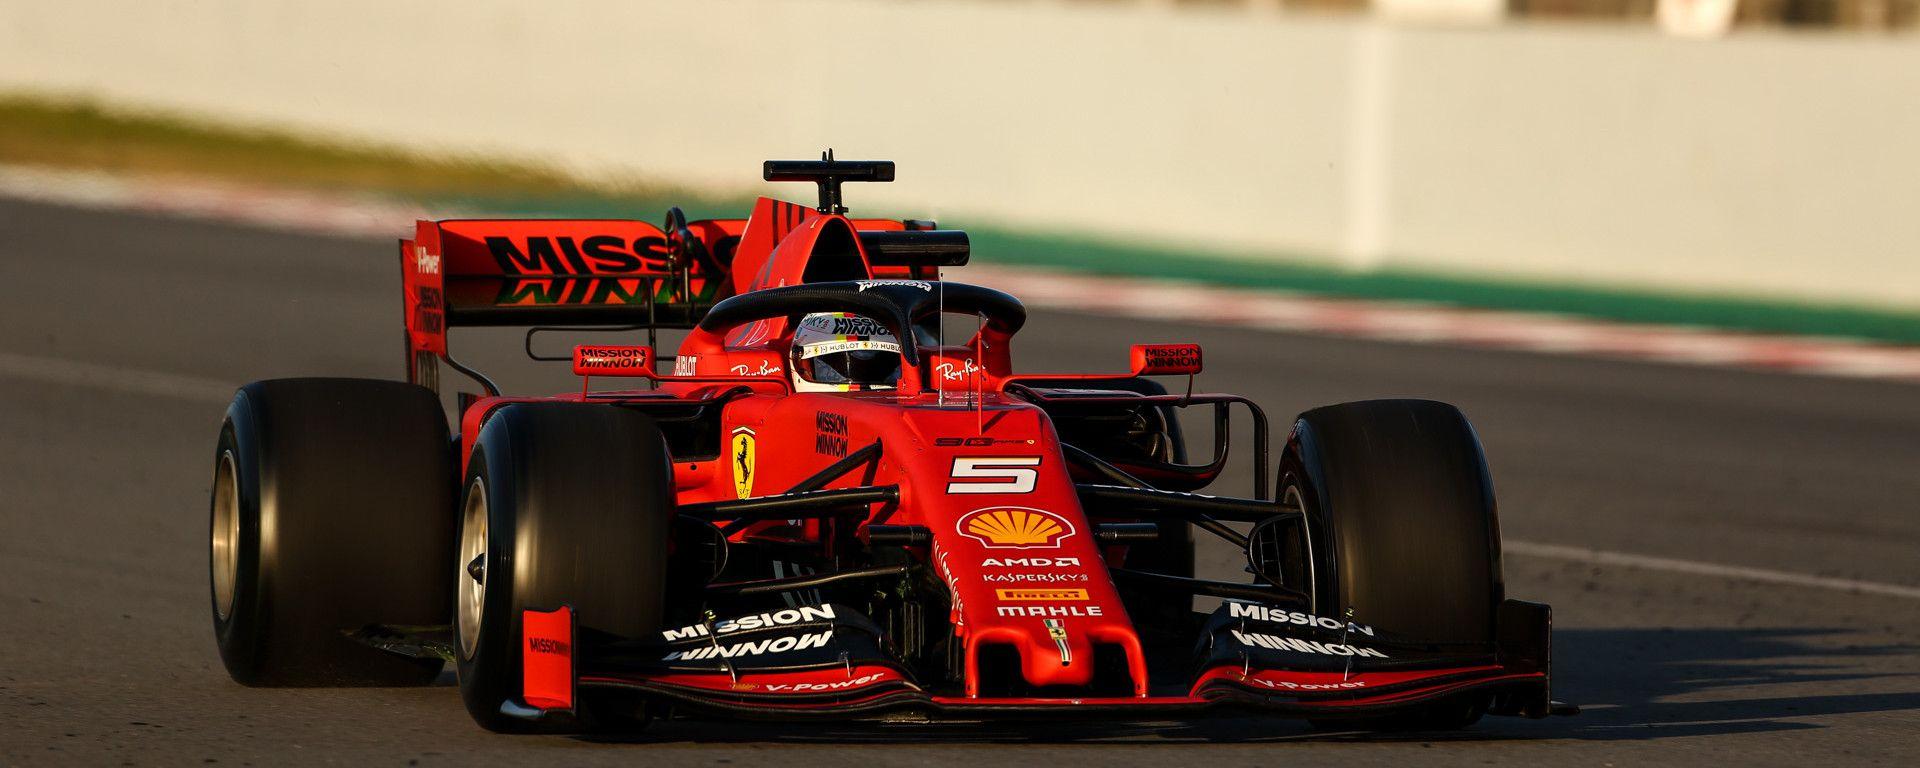 Test F1 Barcellona, day-4. I tempi LIVE e la lineup completa dei piloti